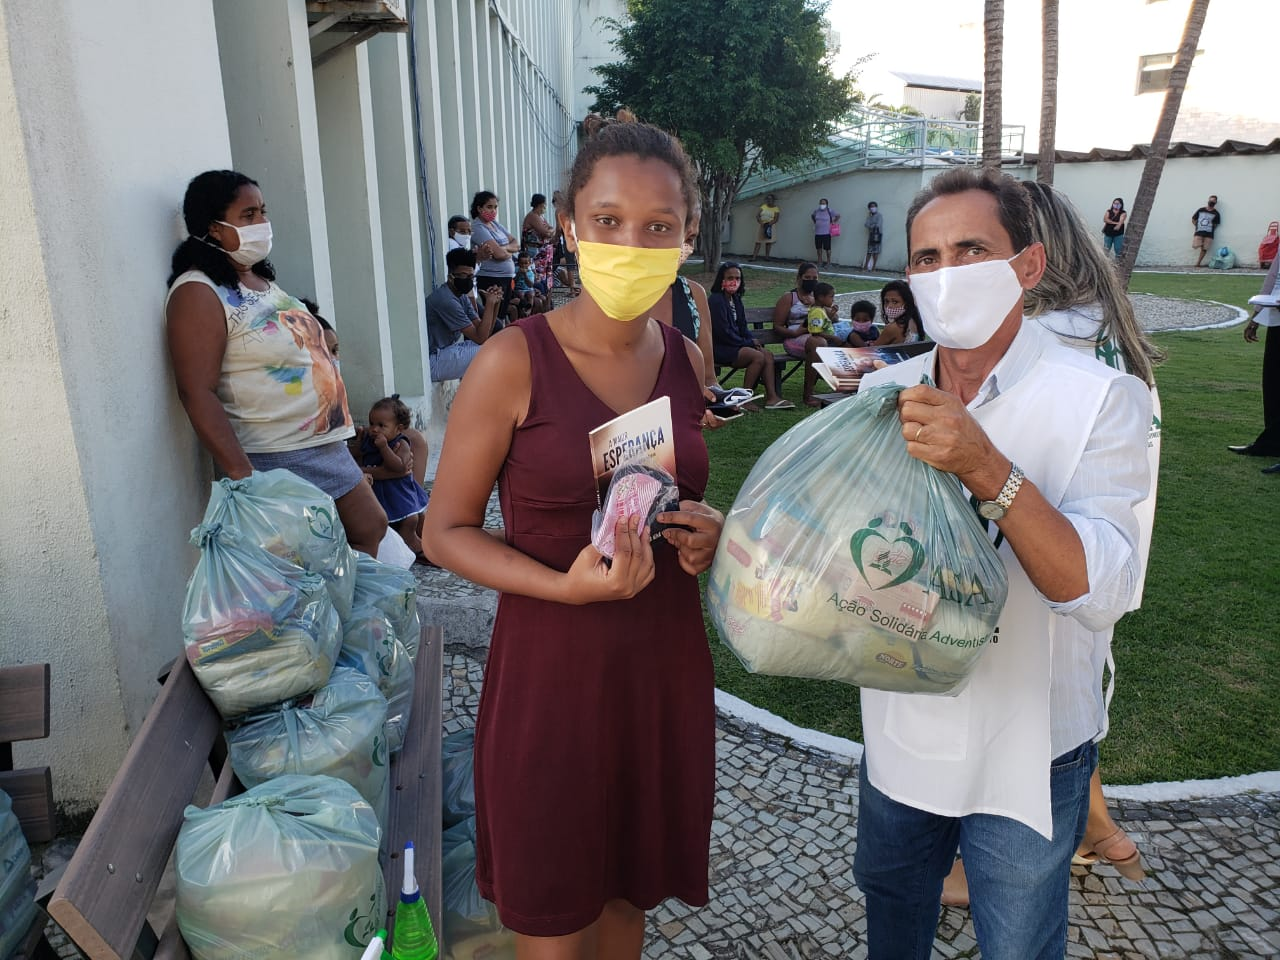 Famílias receberam cestas de forma organizada e com distanciamento adequado na fila. (Foto: Arquivo pessoal)